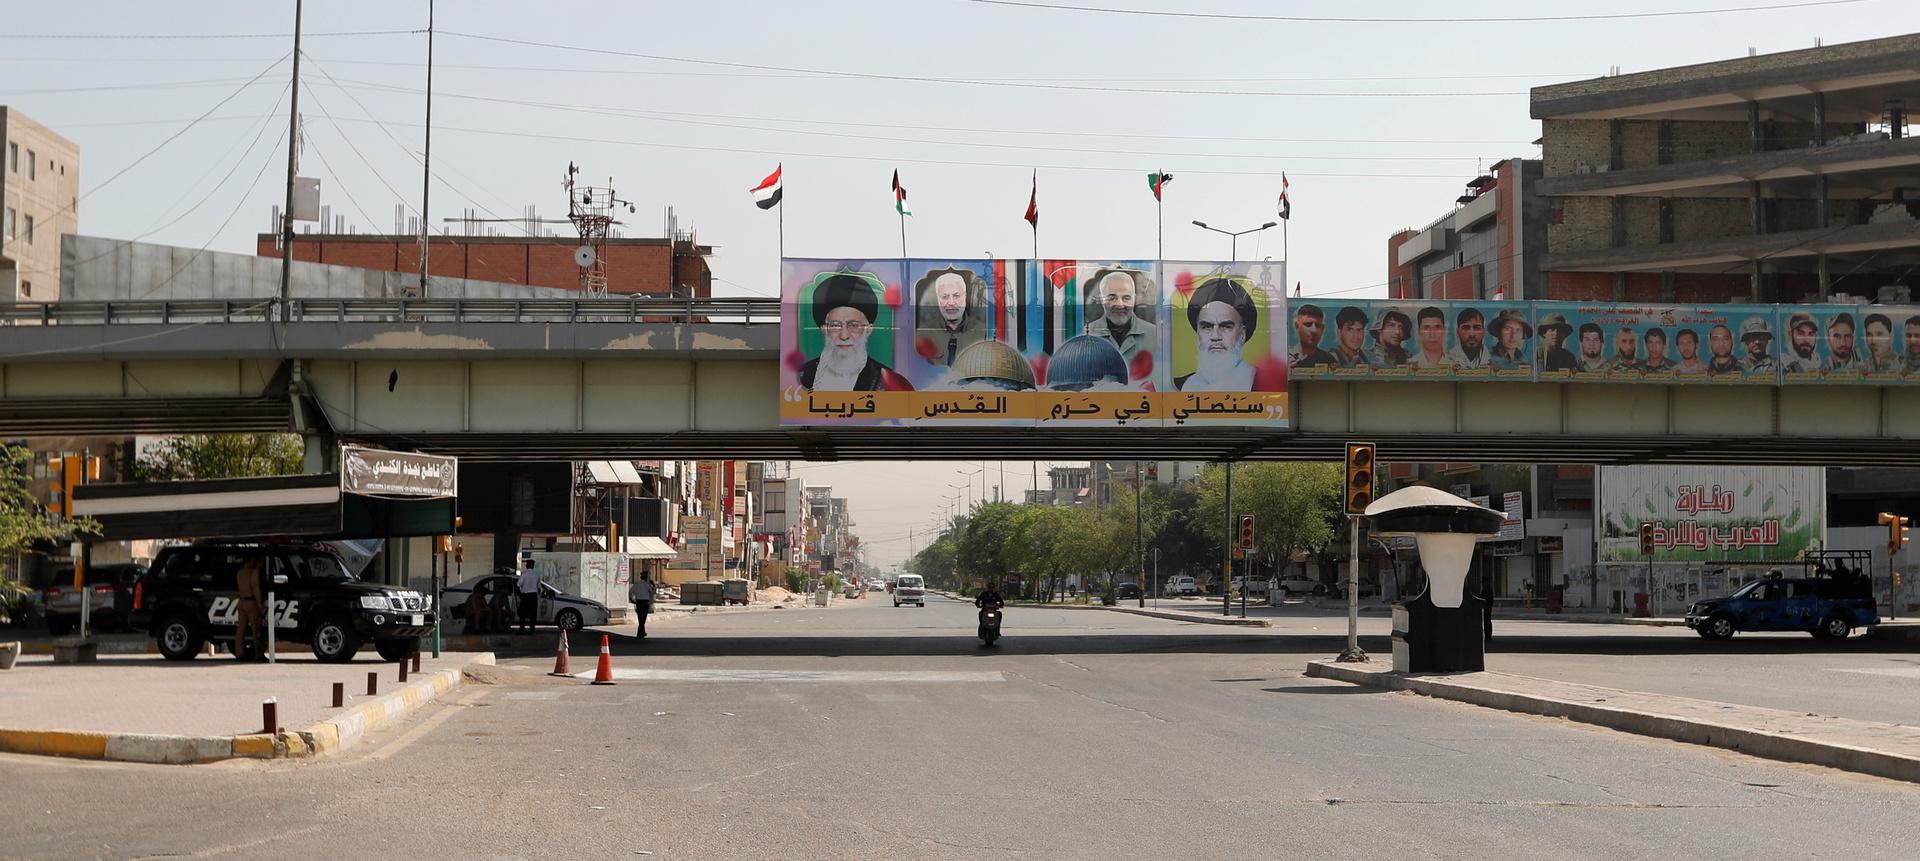 فريق أزمة ألماني بعد اختطاف مواطنة ألمانية في بغداد